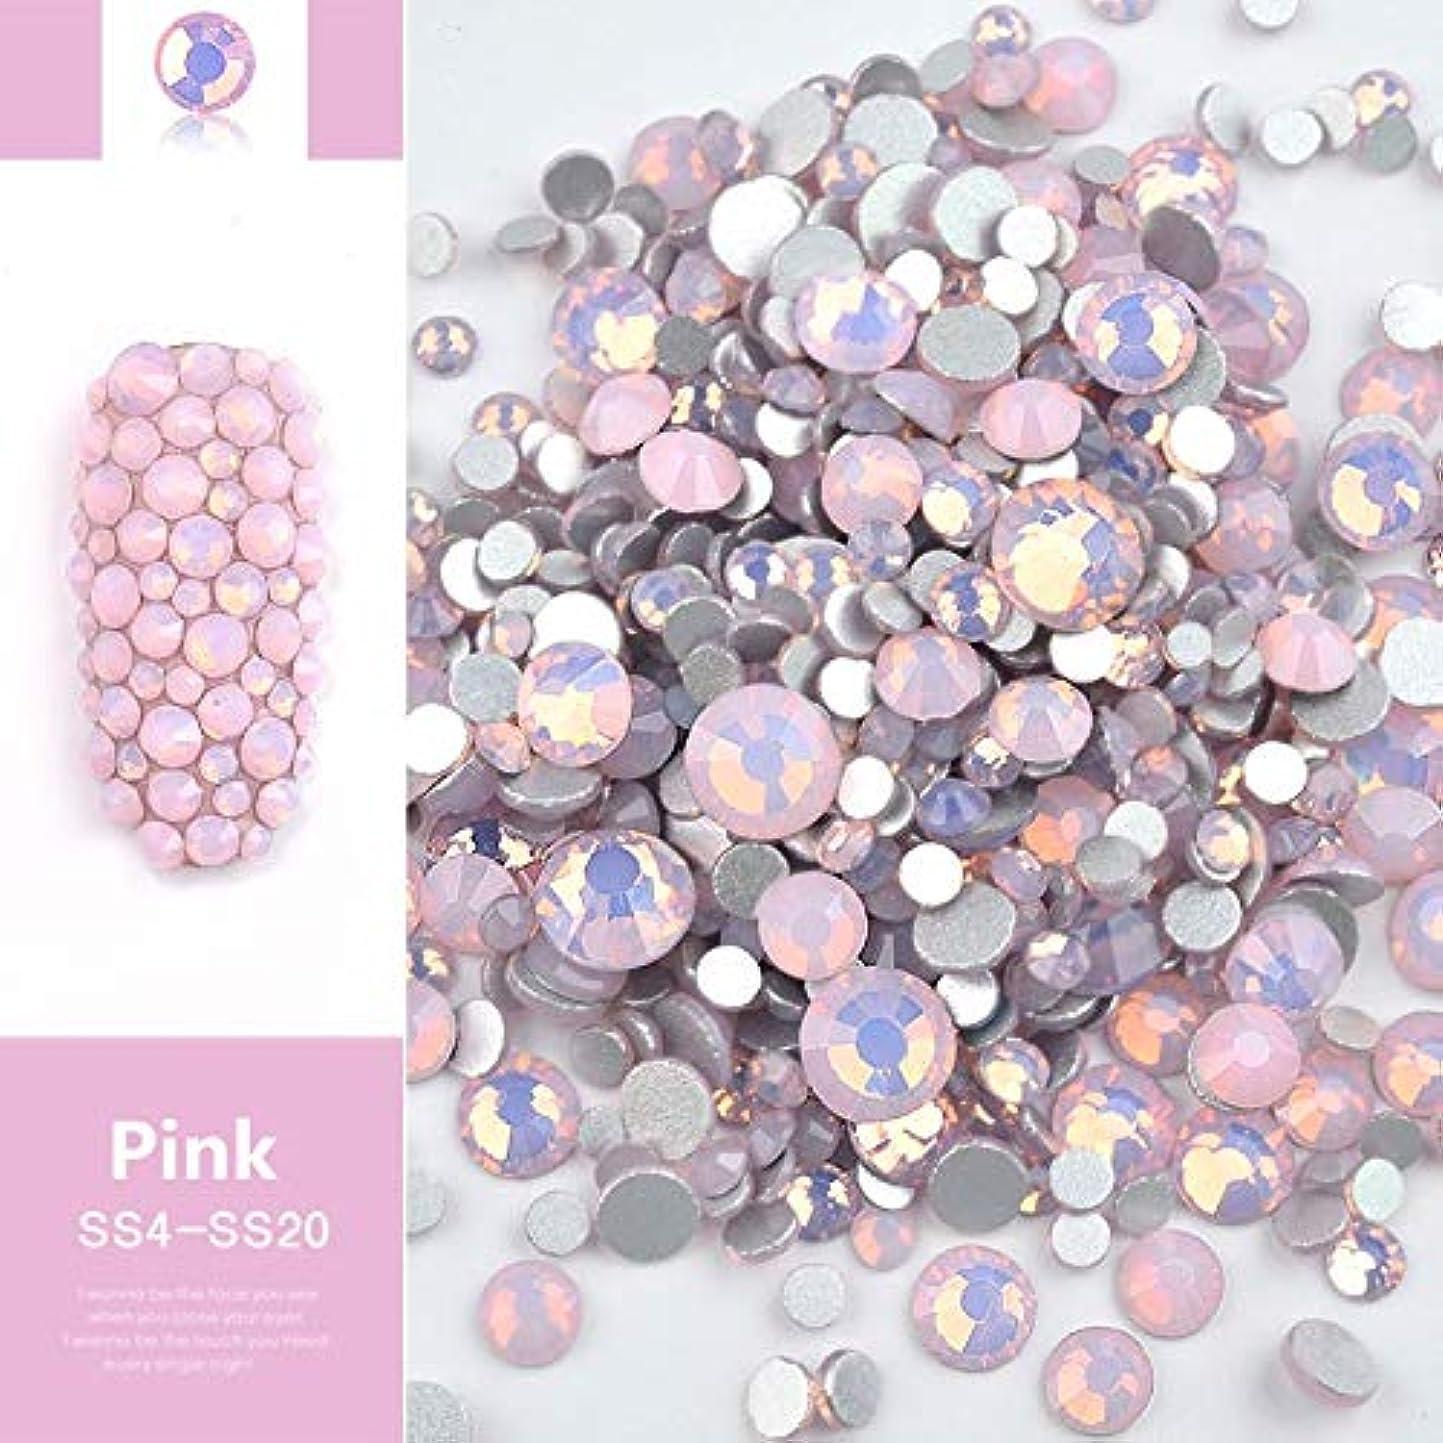 消化器順応性時間Jiaoran ビーズ樹脂クリスタルラウンドネイルアートミックスフラットバックアクリルラインストーンミックスサイズ1.5-4.5 mm装飾用ネイル (Color : Pink)